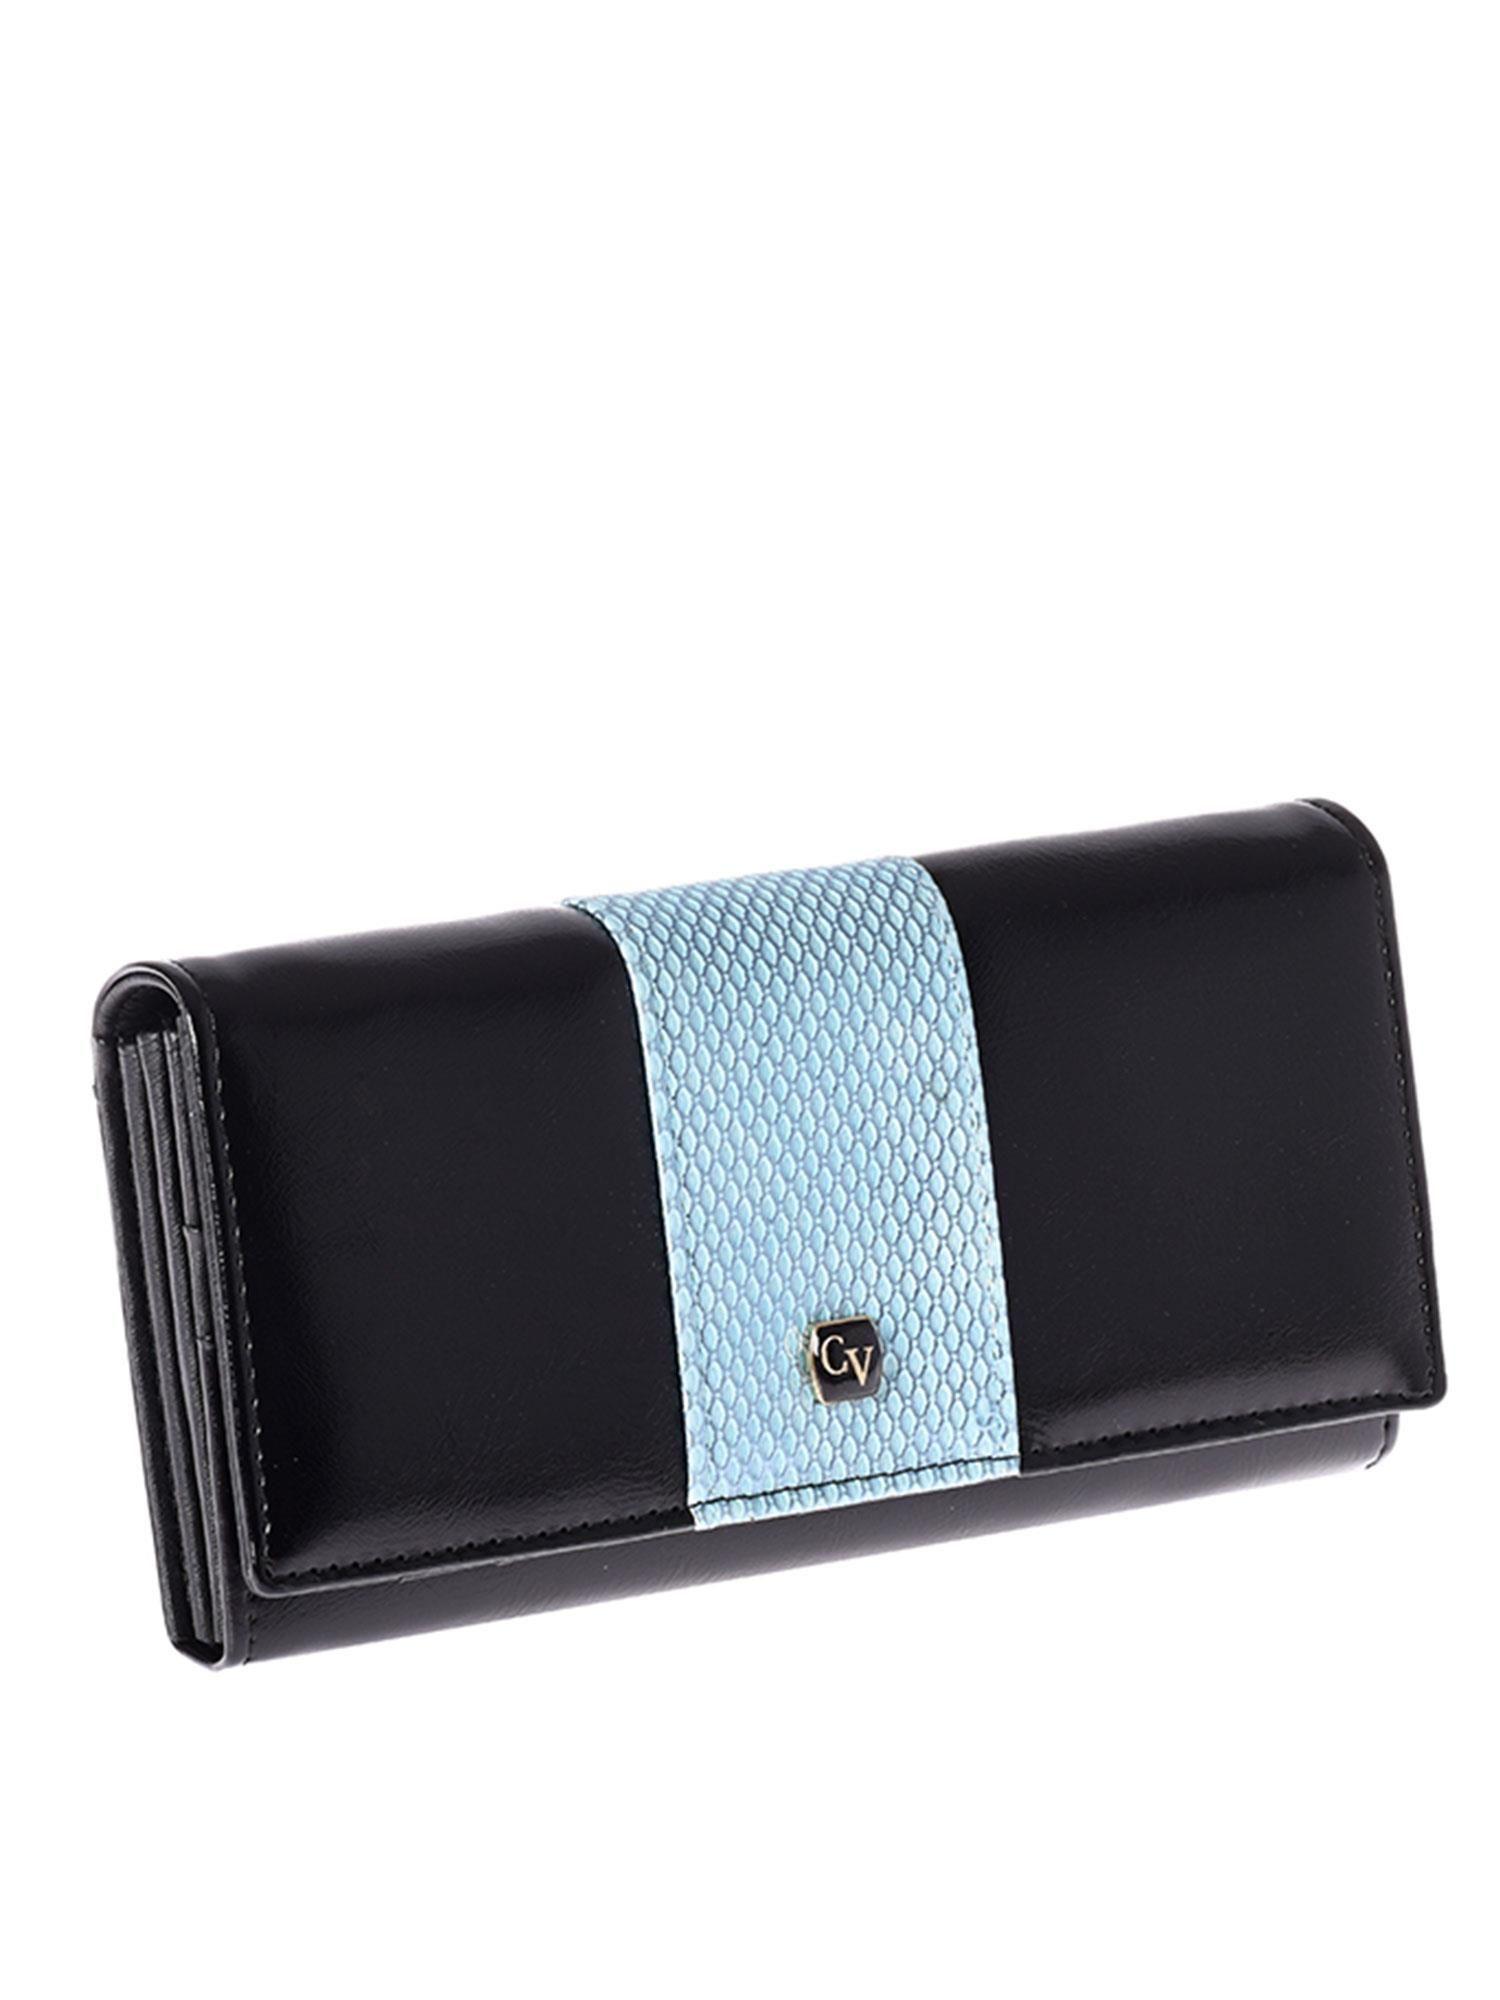 006970bee49a5 Portfel damski ze skóry z niebieskim modułem - Akcesoria portfele ...